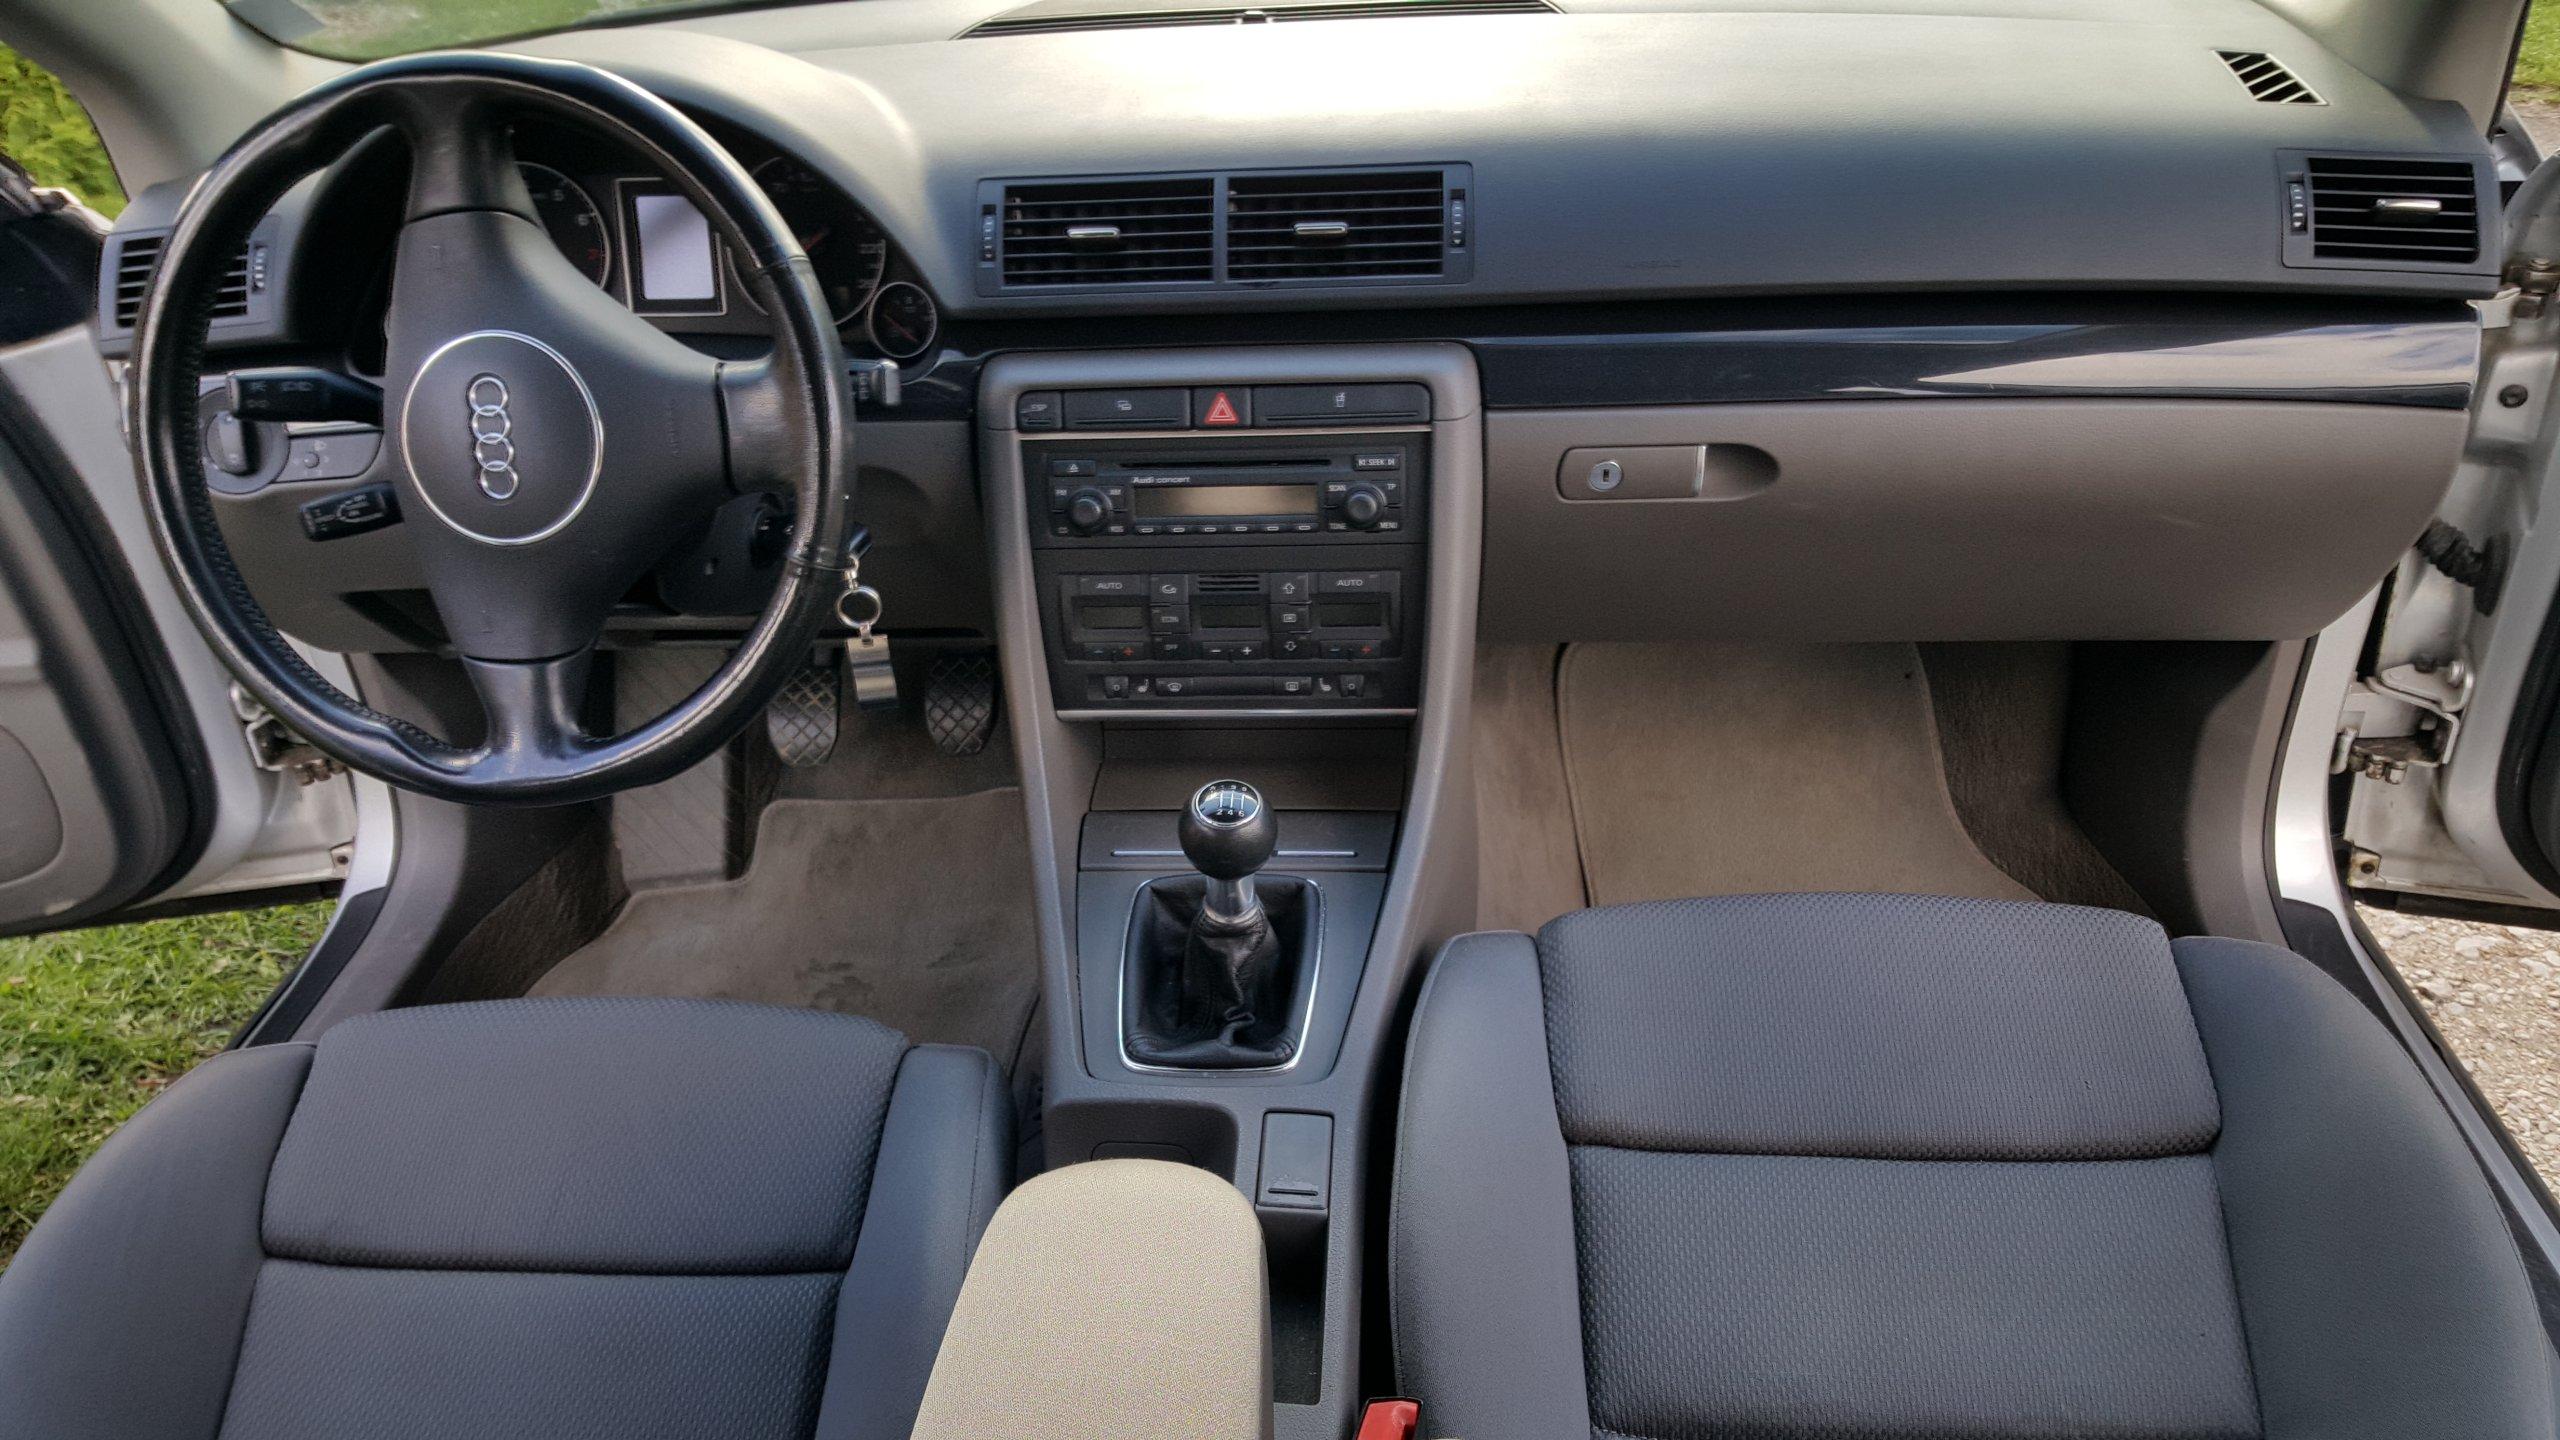 Audi A4 B6 Avant 18t Bex 190km 2003r Swing Lpg 7077506959